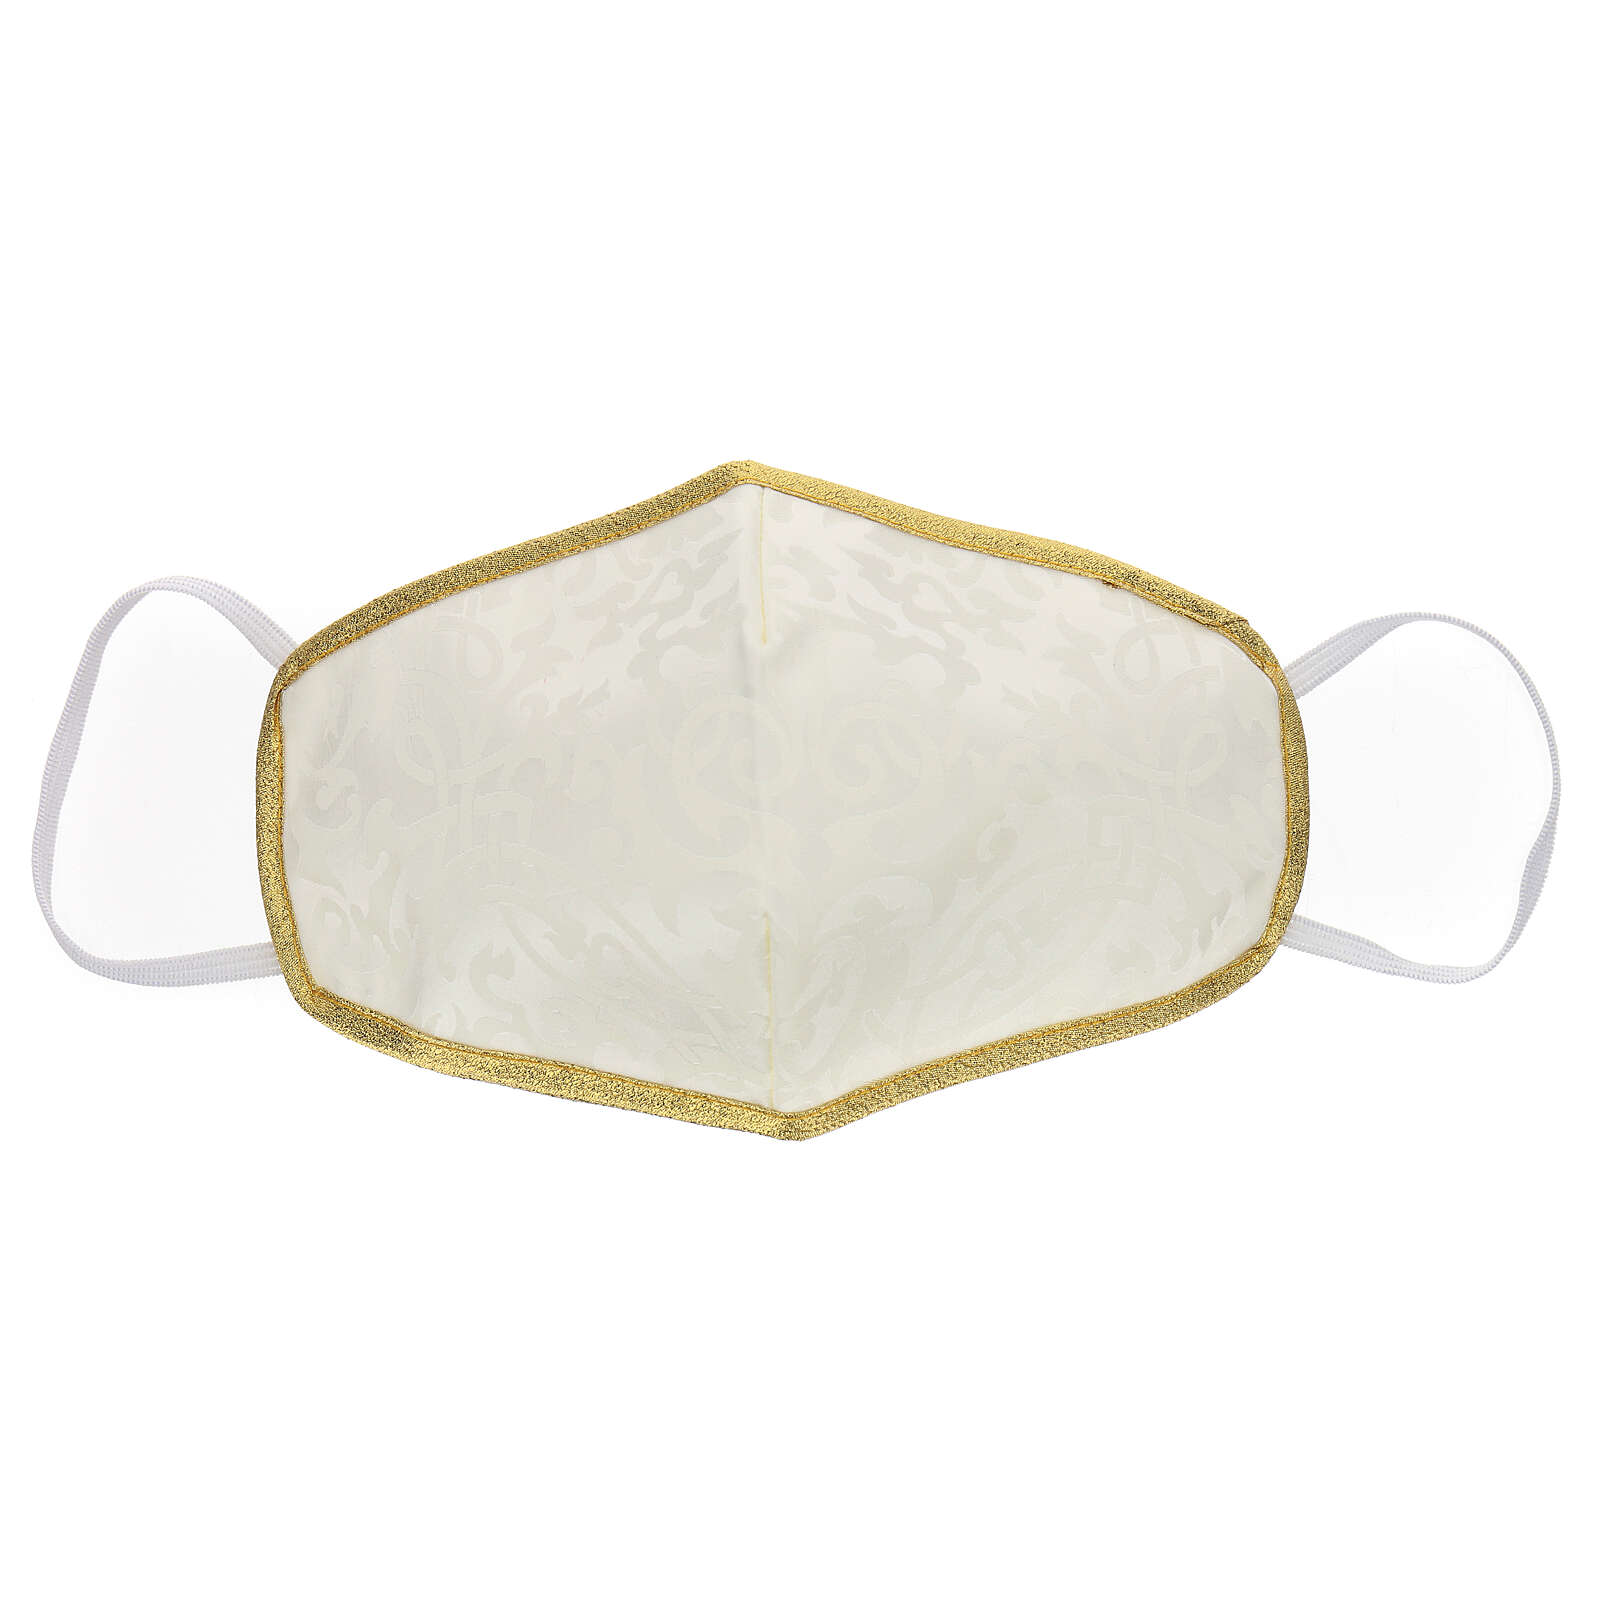 Washable fabric mask ivory/gold 3